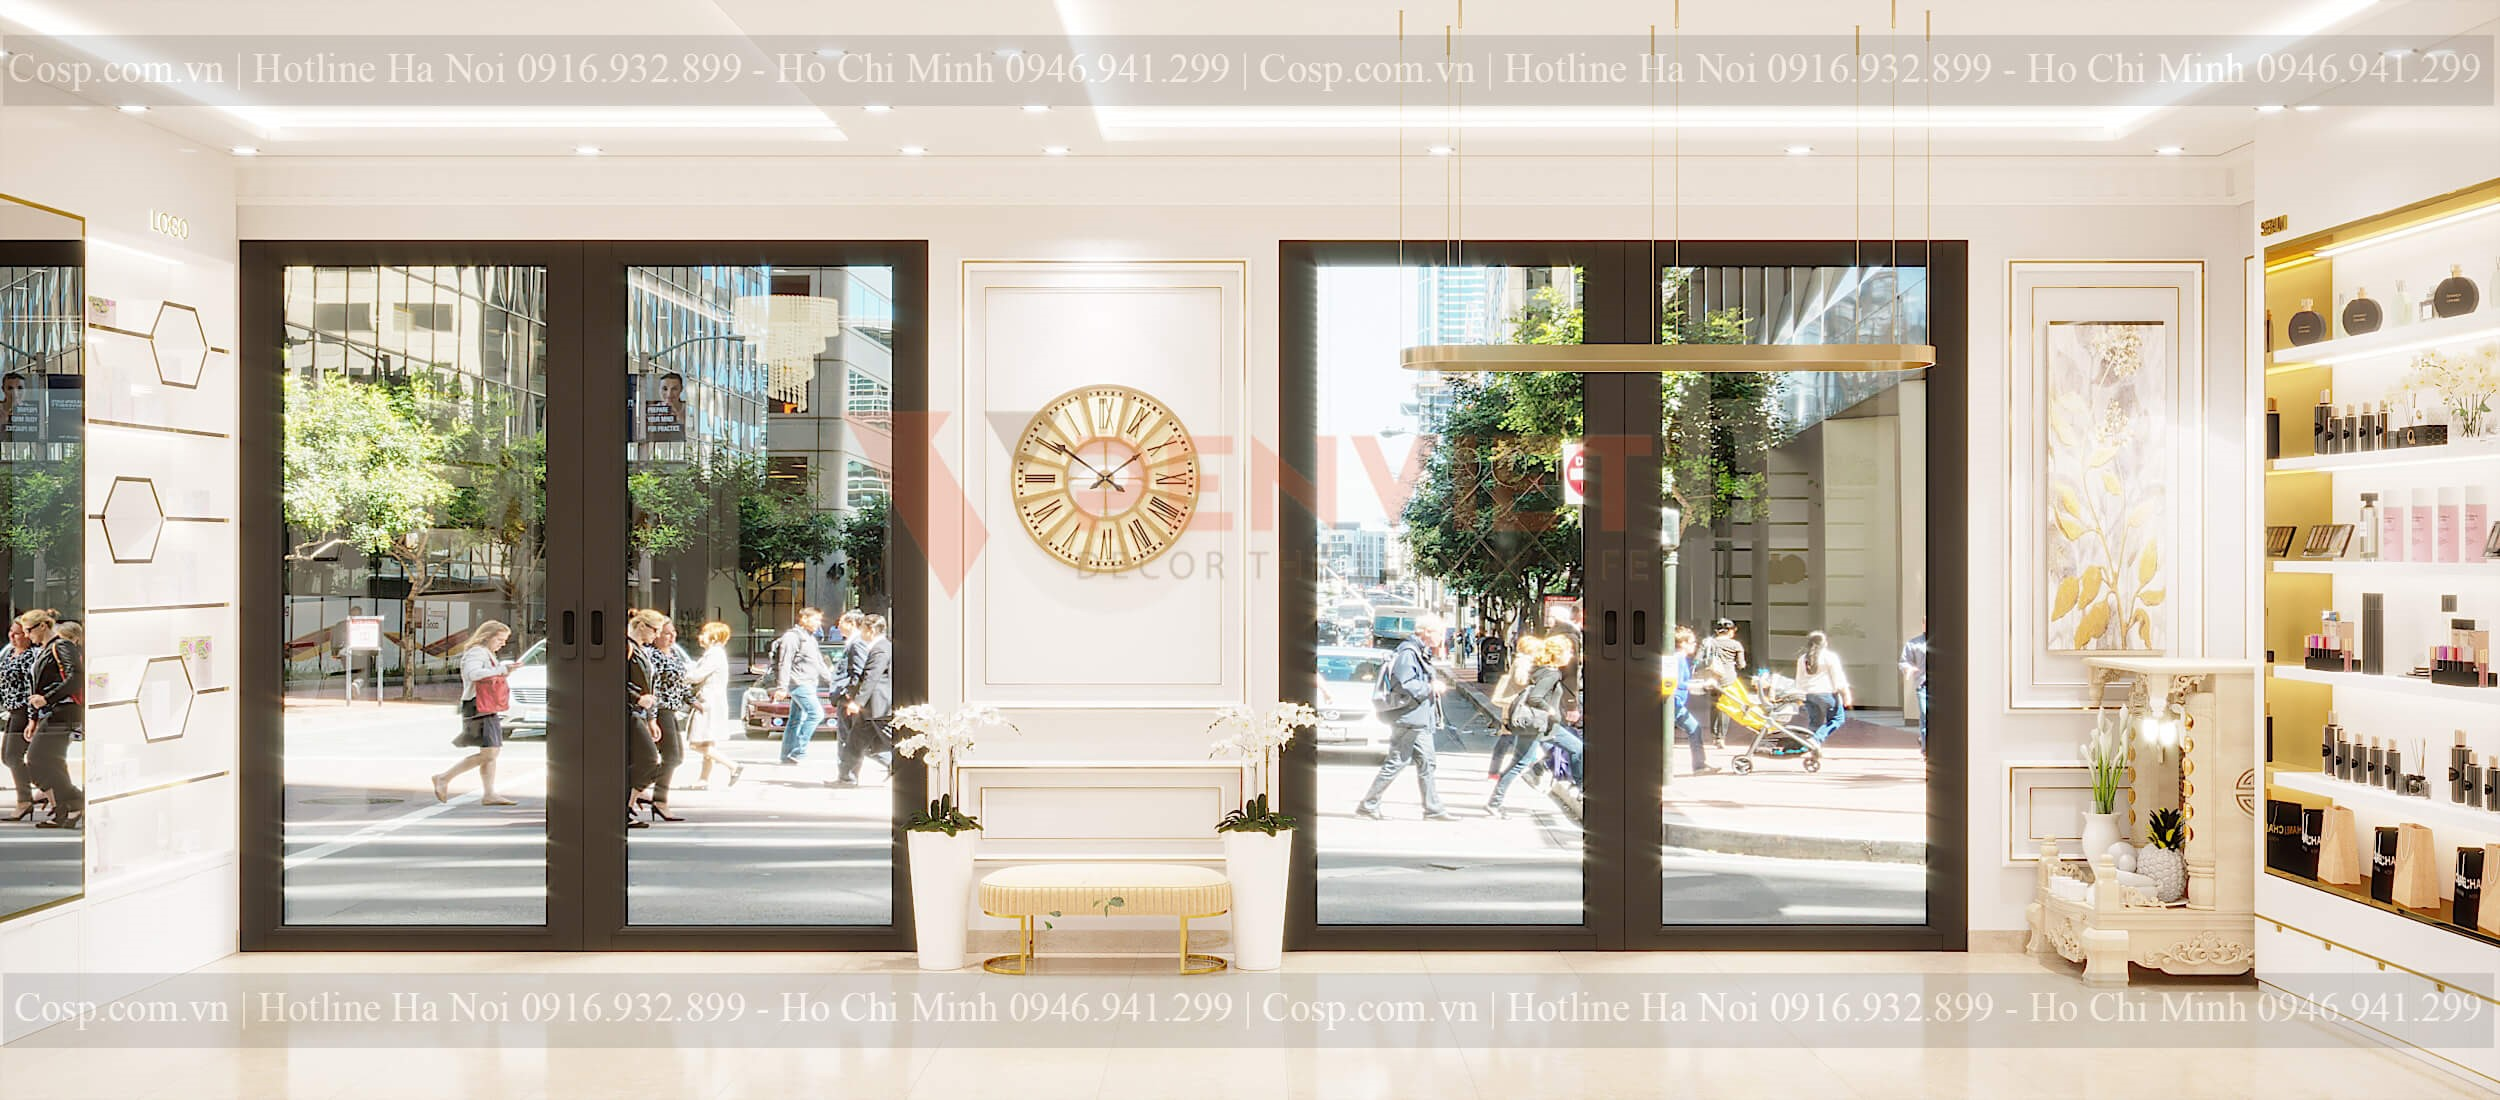 Penviet trau chuốt cho thiết kế spa Hoàng Linh từ những chi tiết nhỏ nhất